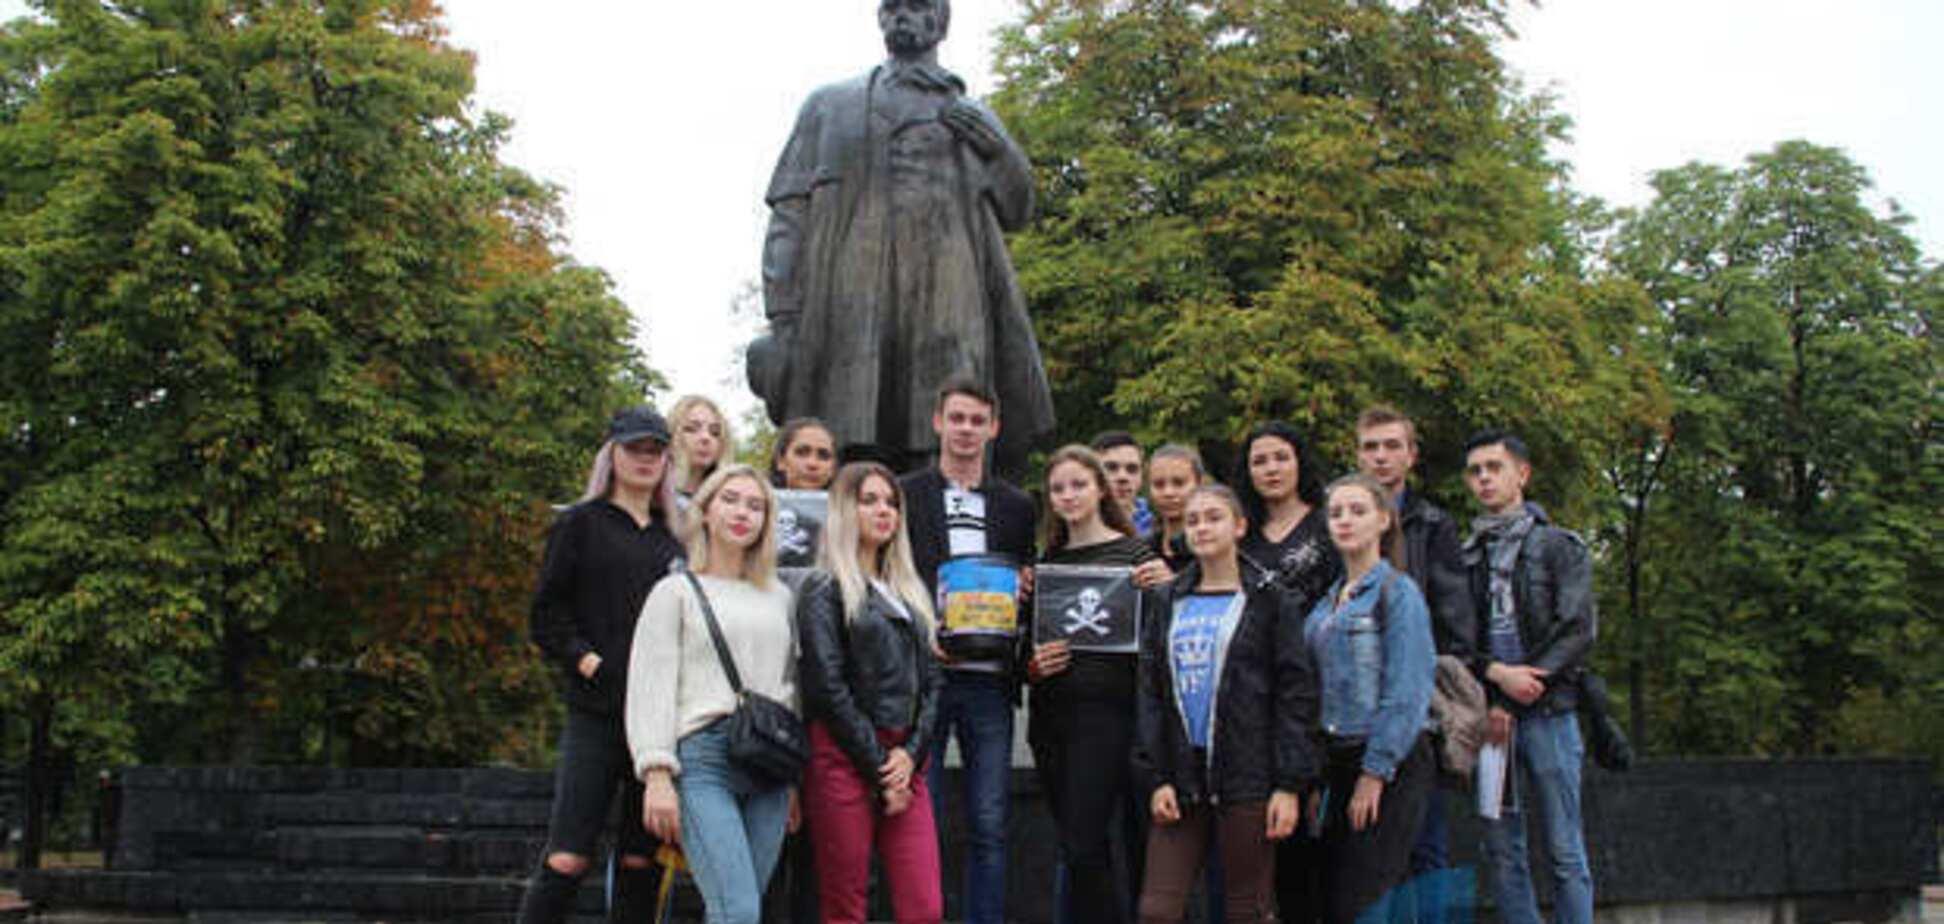 ''А потом поедут к хунте'': в сети высмеяли политическую акцию ''ЛНР'' против Украины